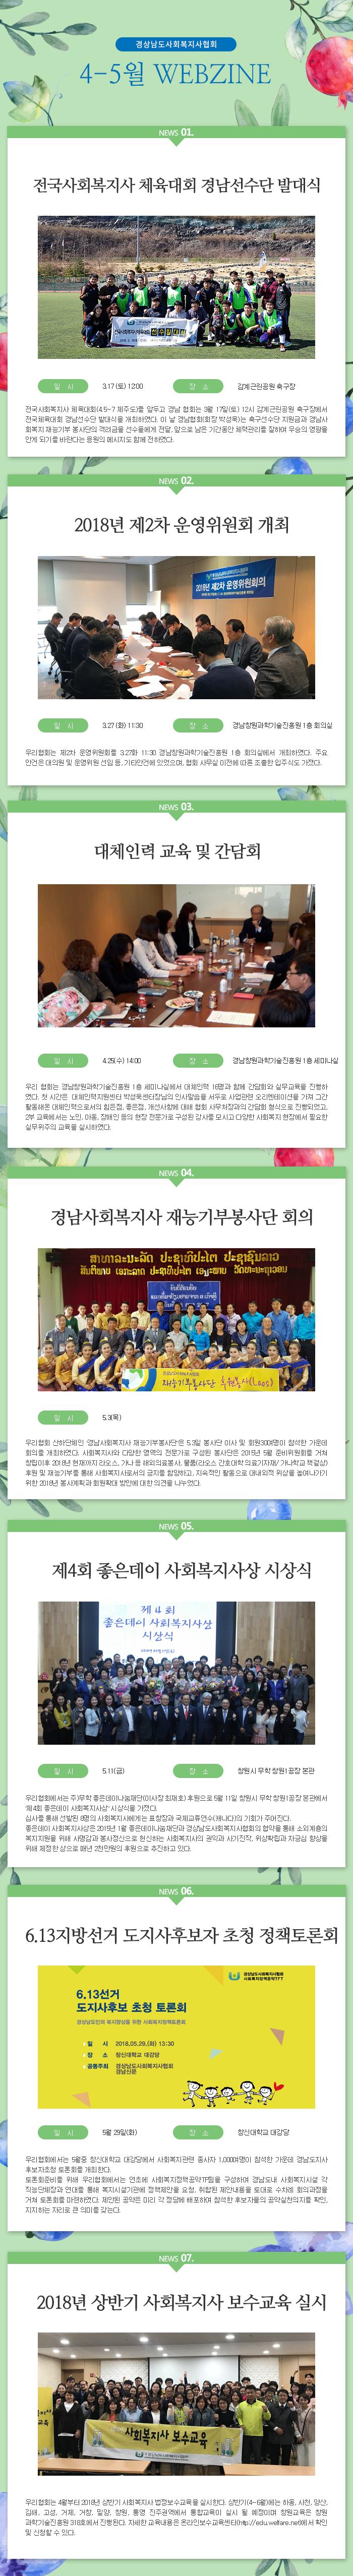 webzine_1805(1).jpg